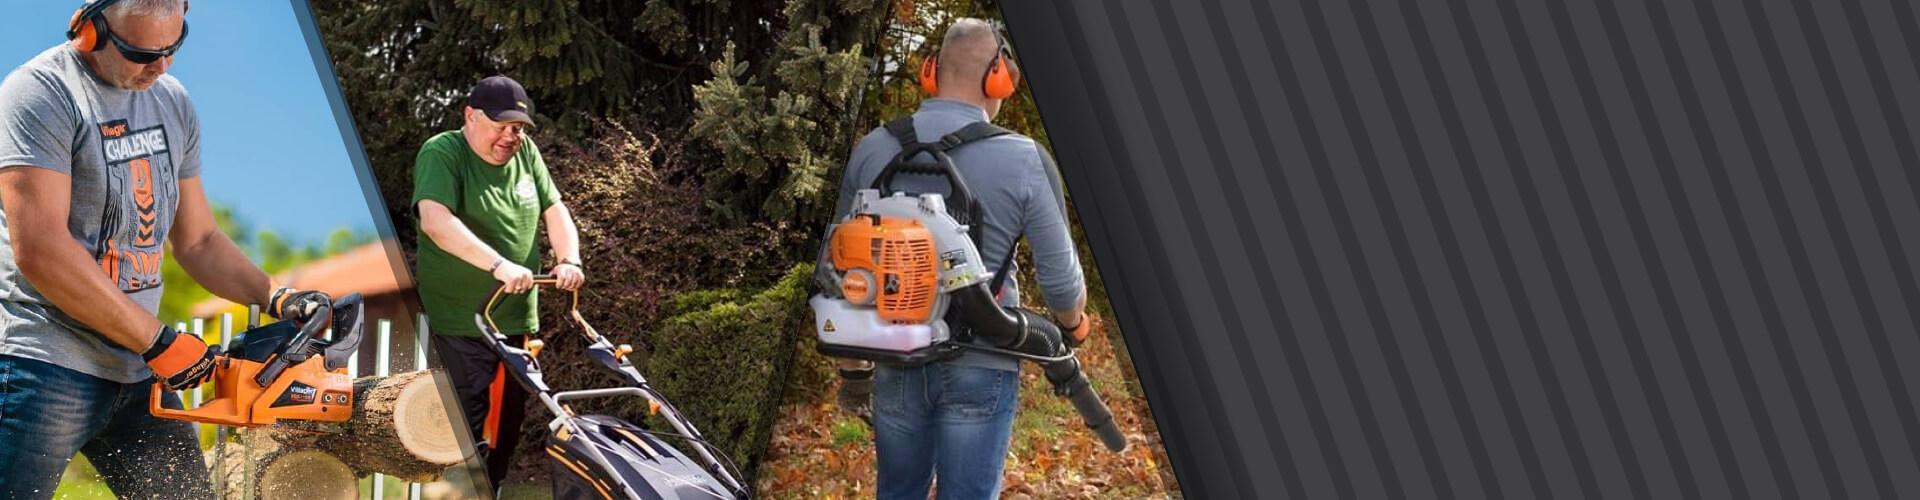 Jesenji alati prodaja